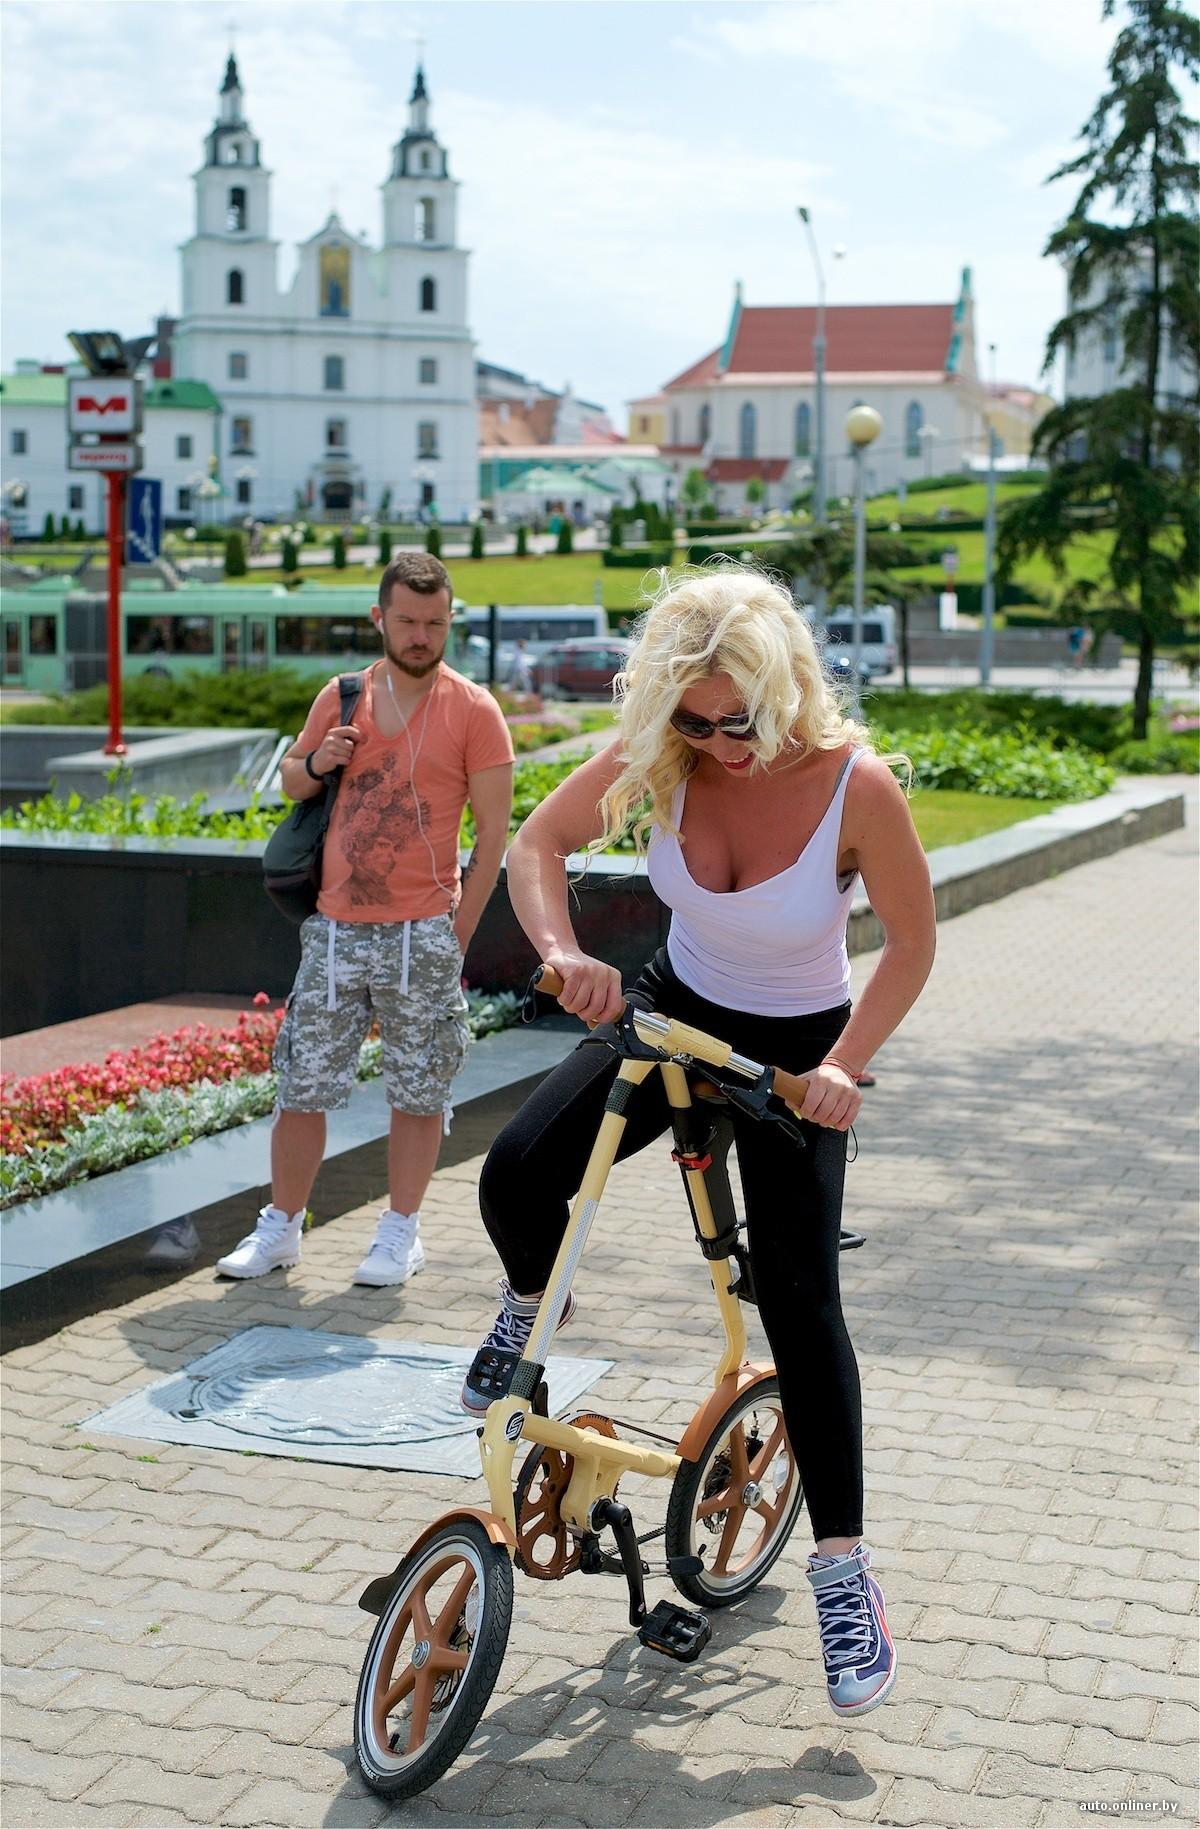 Зато не на работе девушка на велосипеде работа воронеж свежие вакансии для девушек